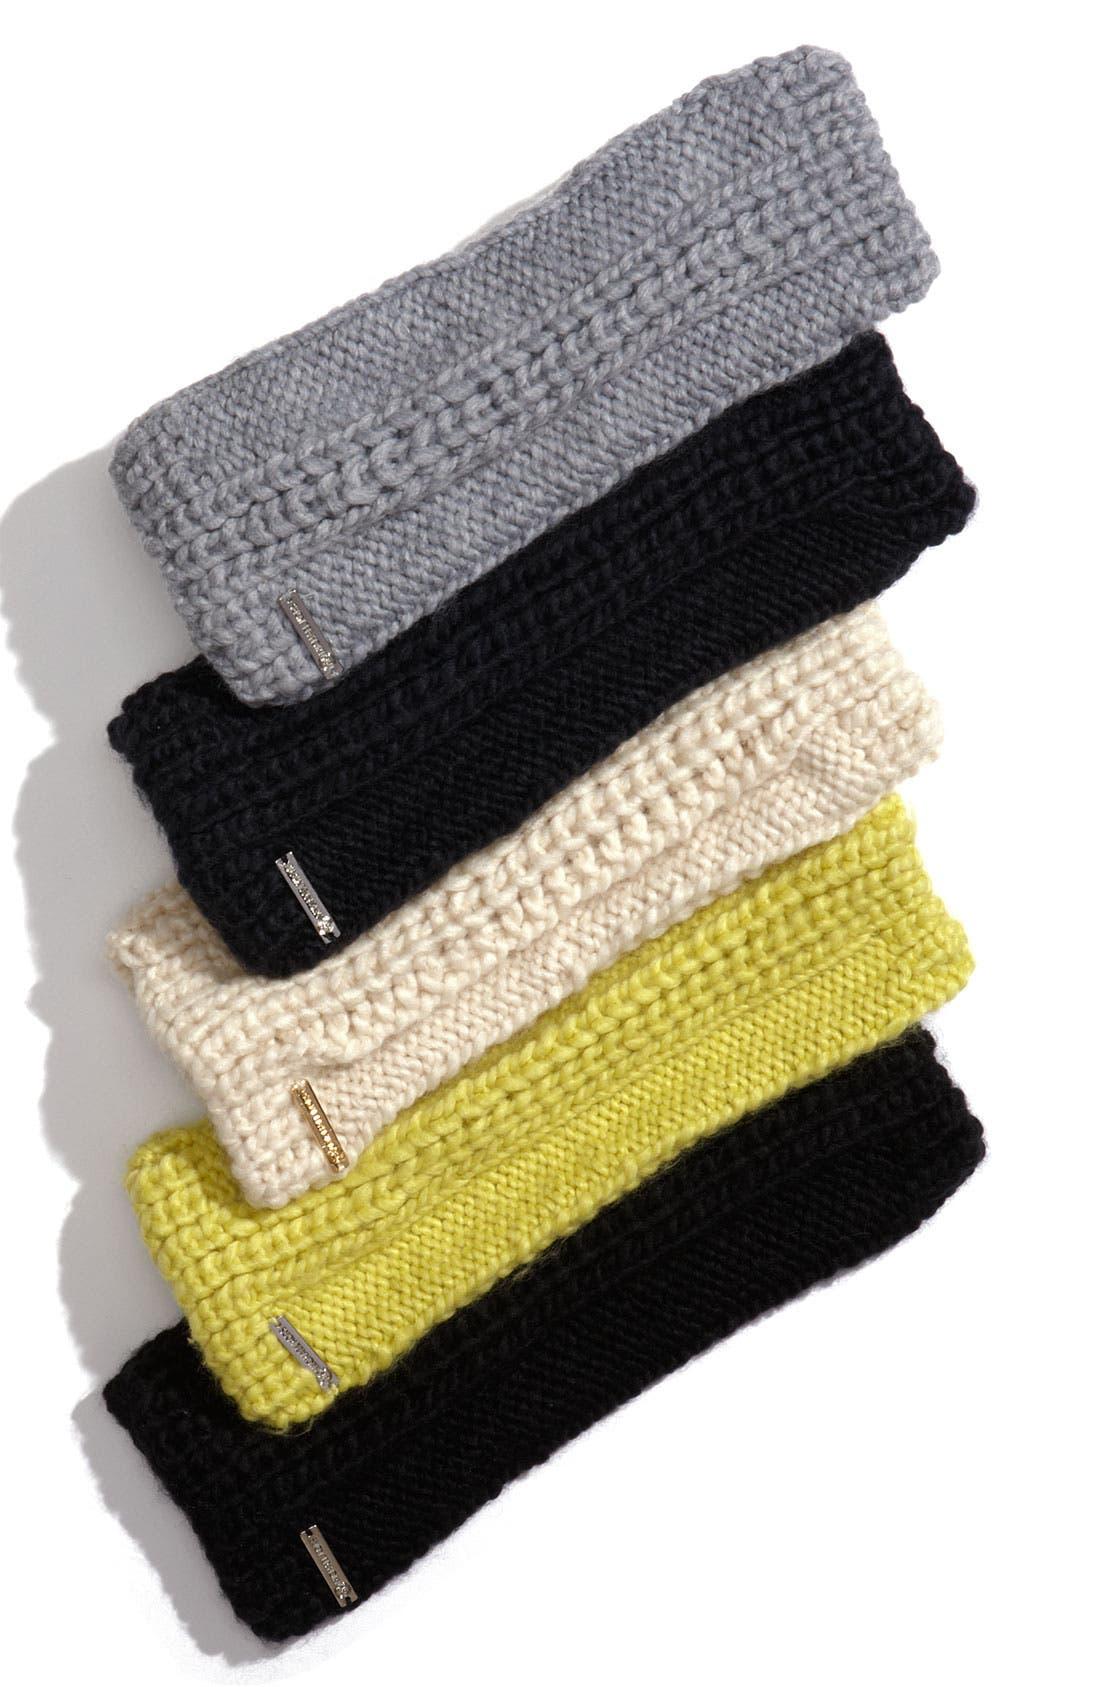 Alternate Image 1 Selected - MICHAEL Michael Kors 'Fisherman' Fingerless Gloves